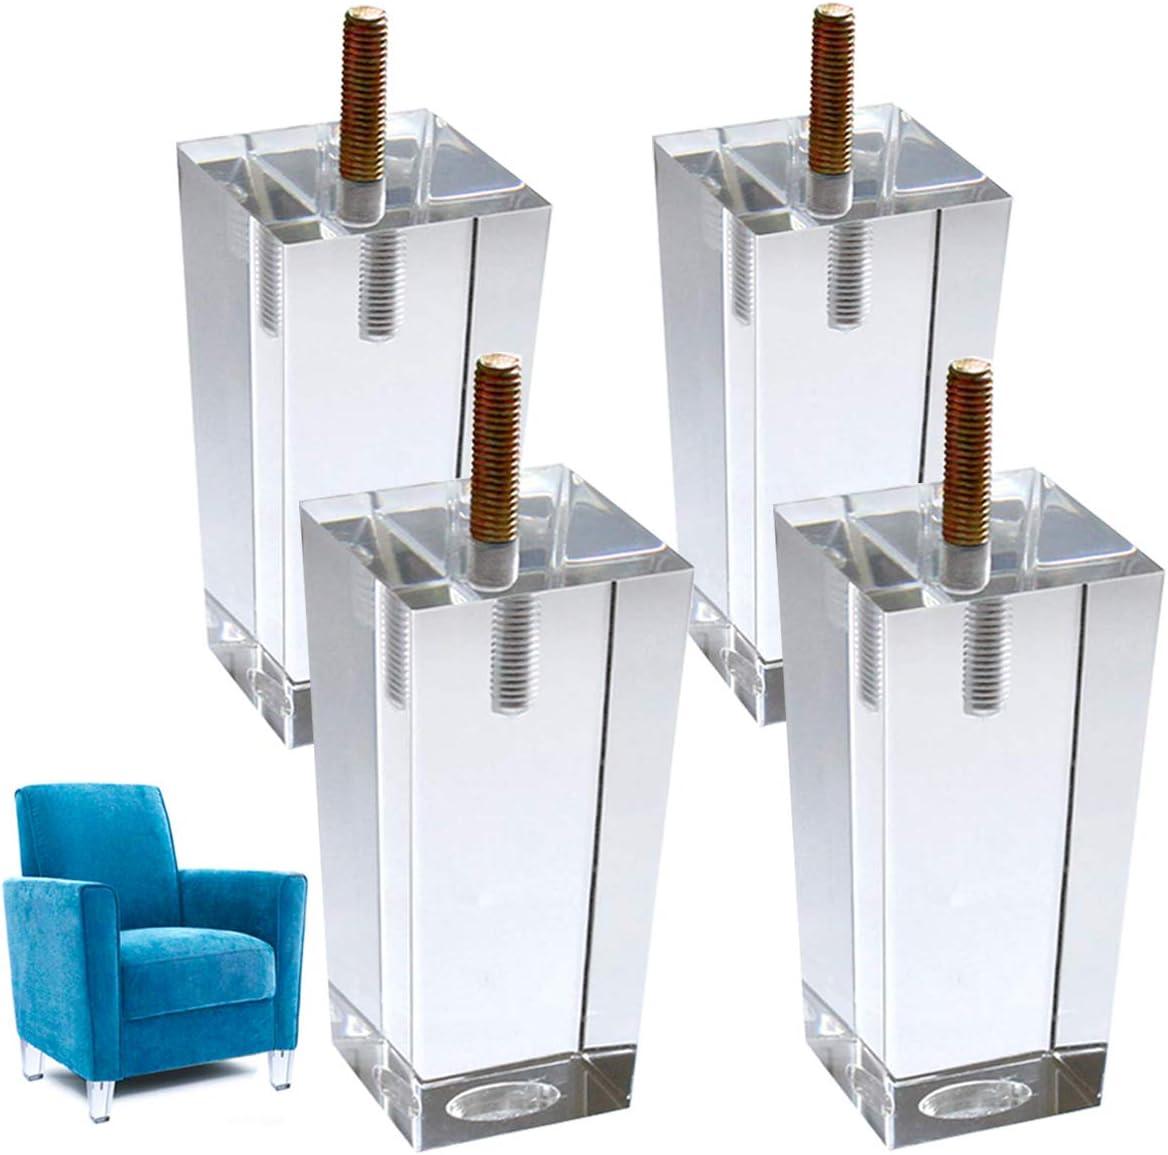 80Stk Möbel Tisch Couch Beine Nagel Auflage GleitFilz Bodenschützer 24mm Dia